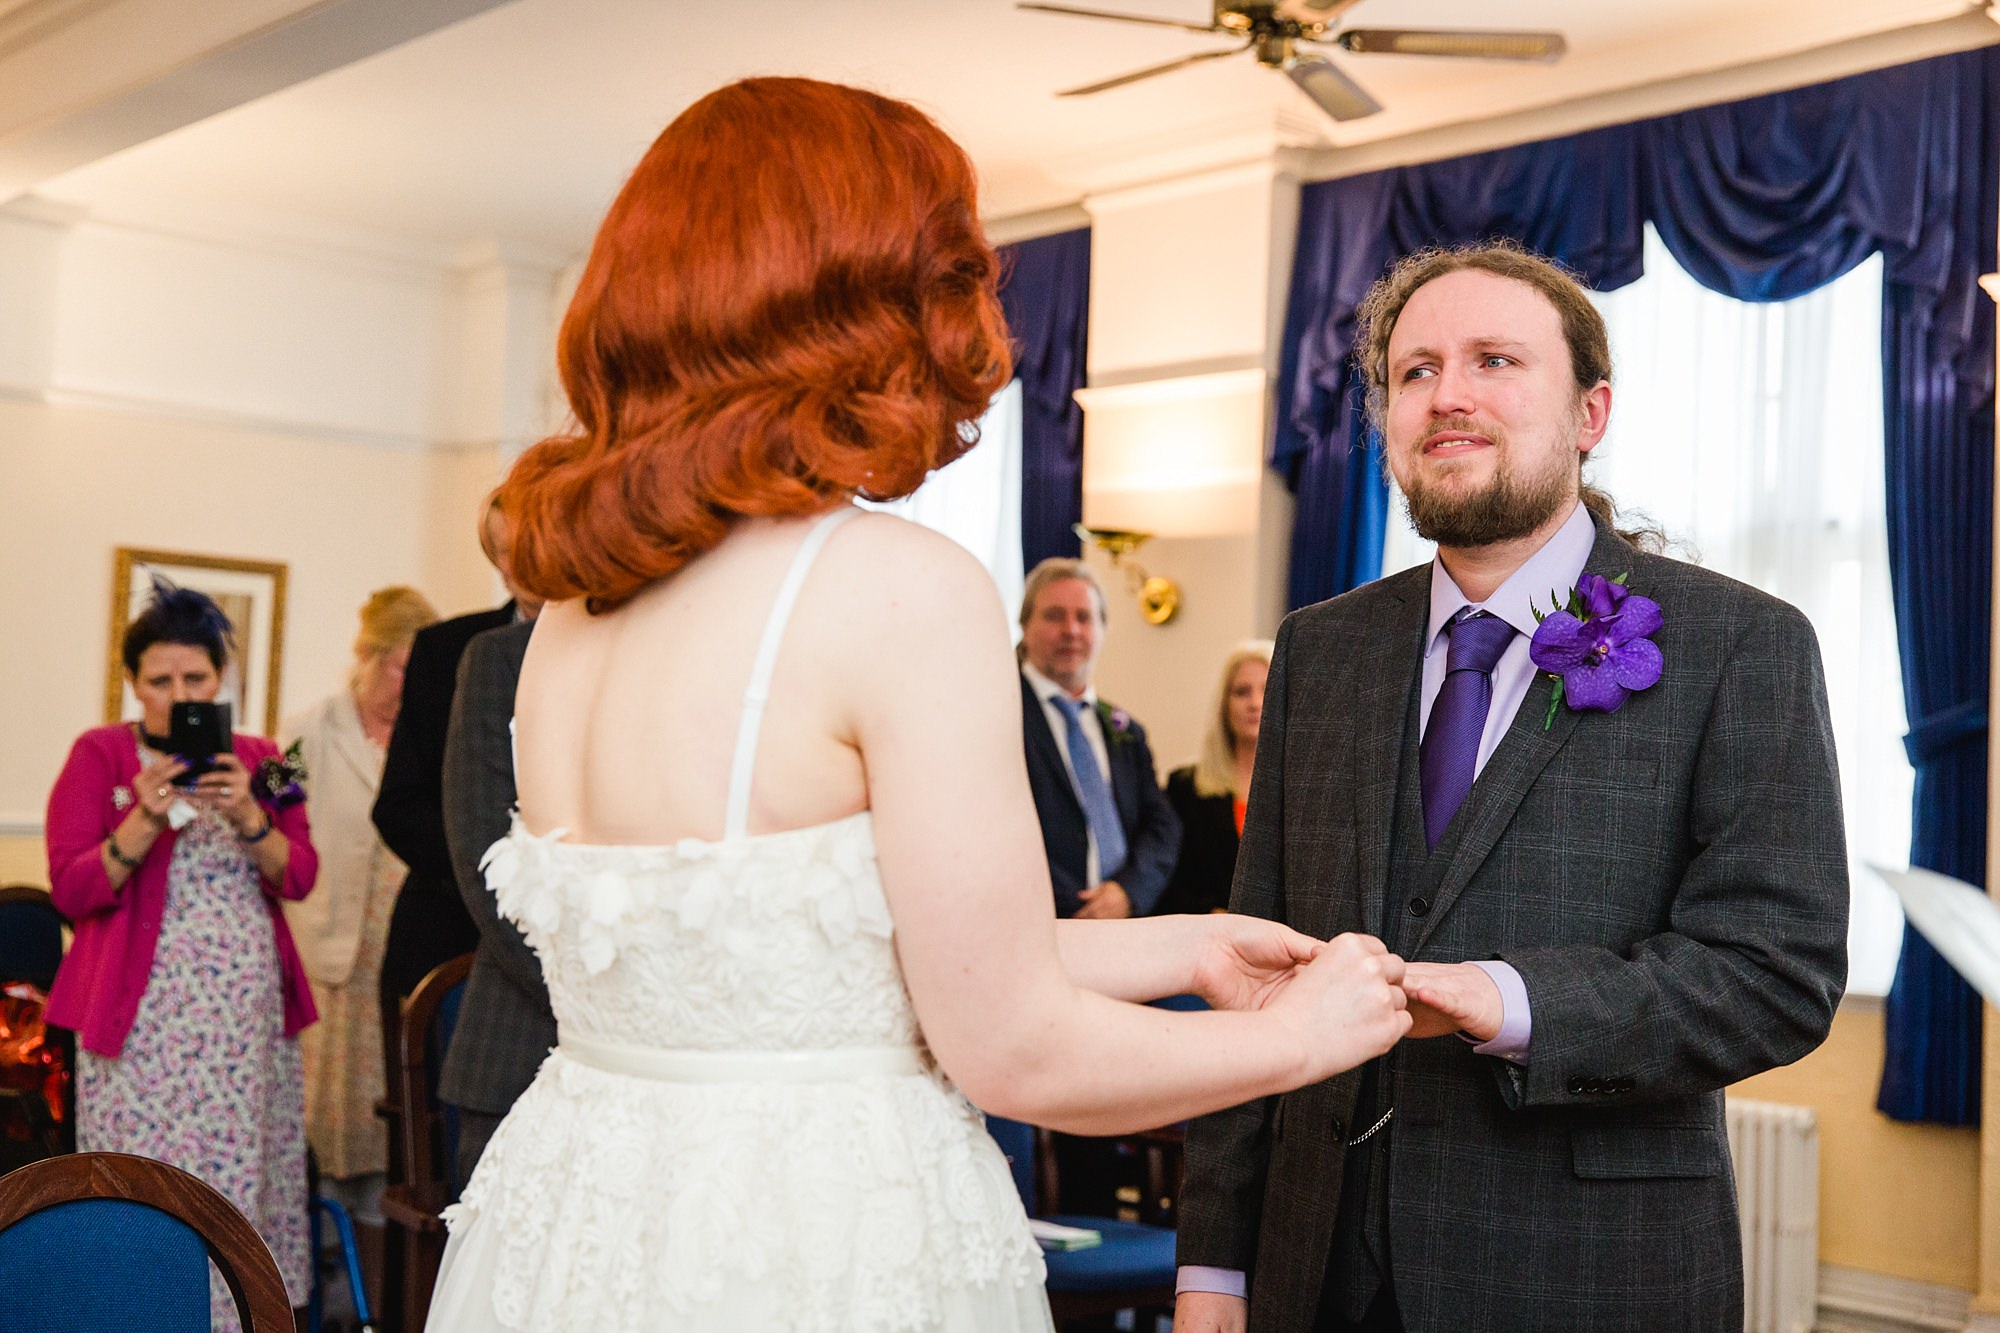 The Grange Ealing wedding bride and groom exchange rings